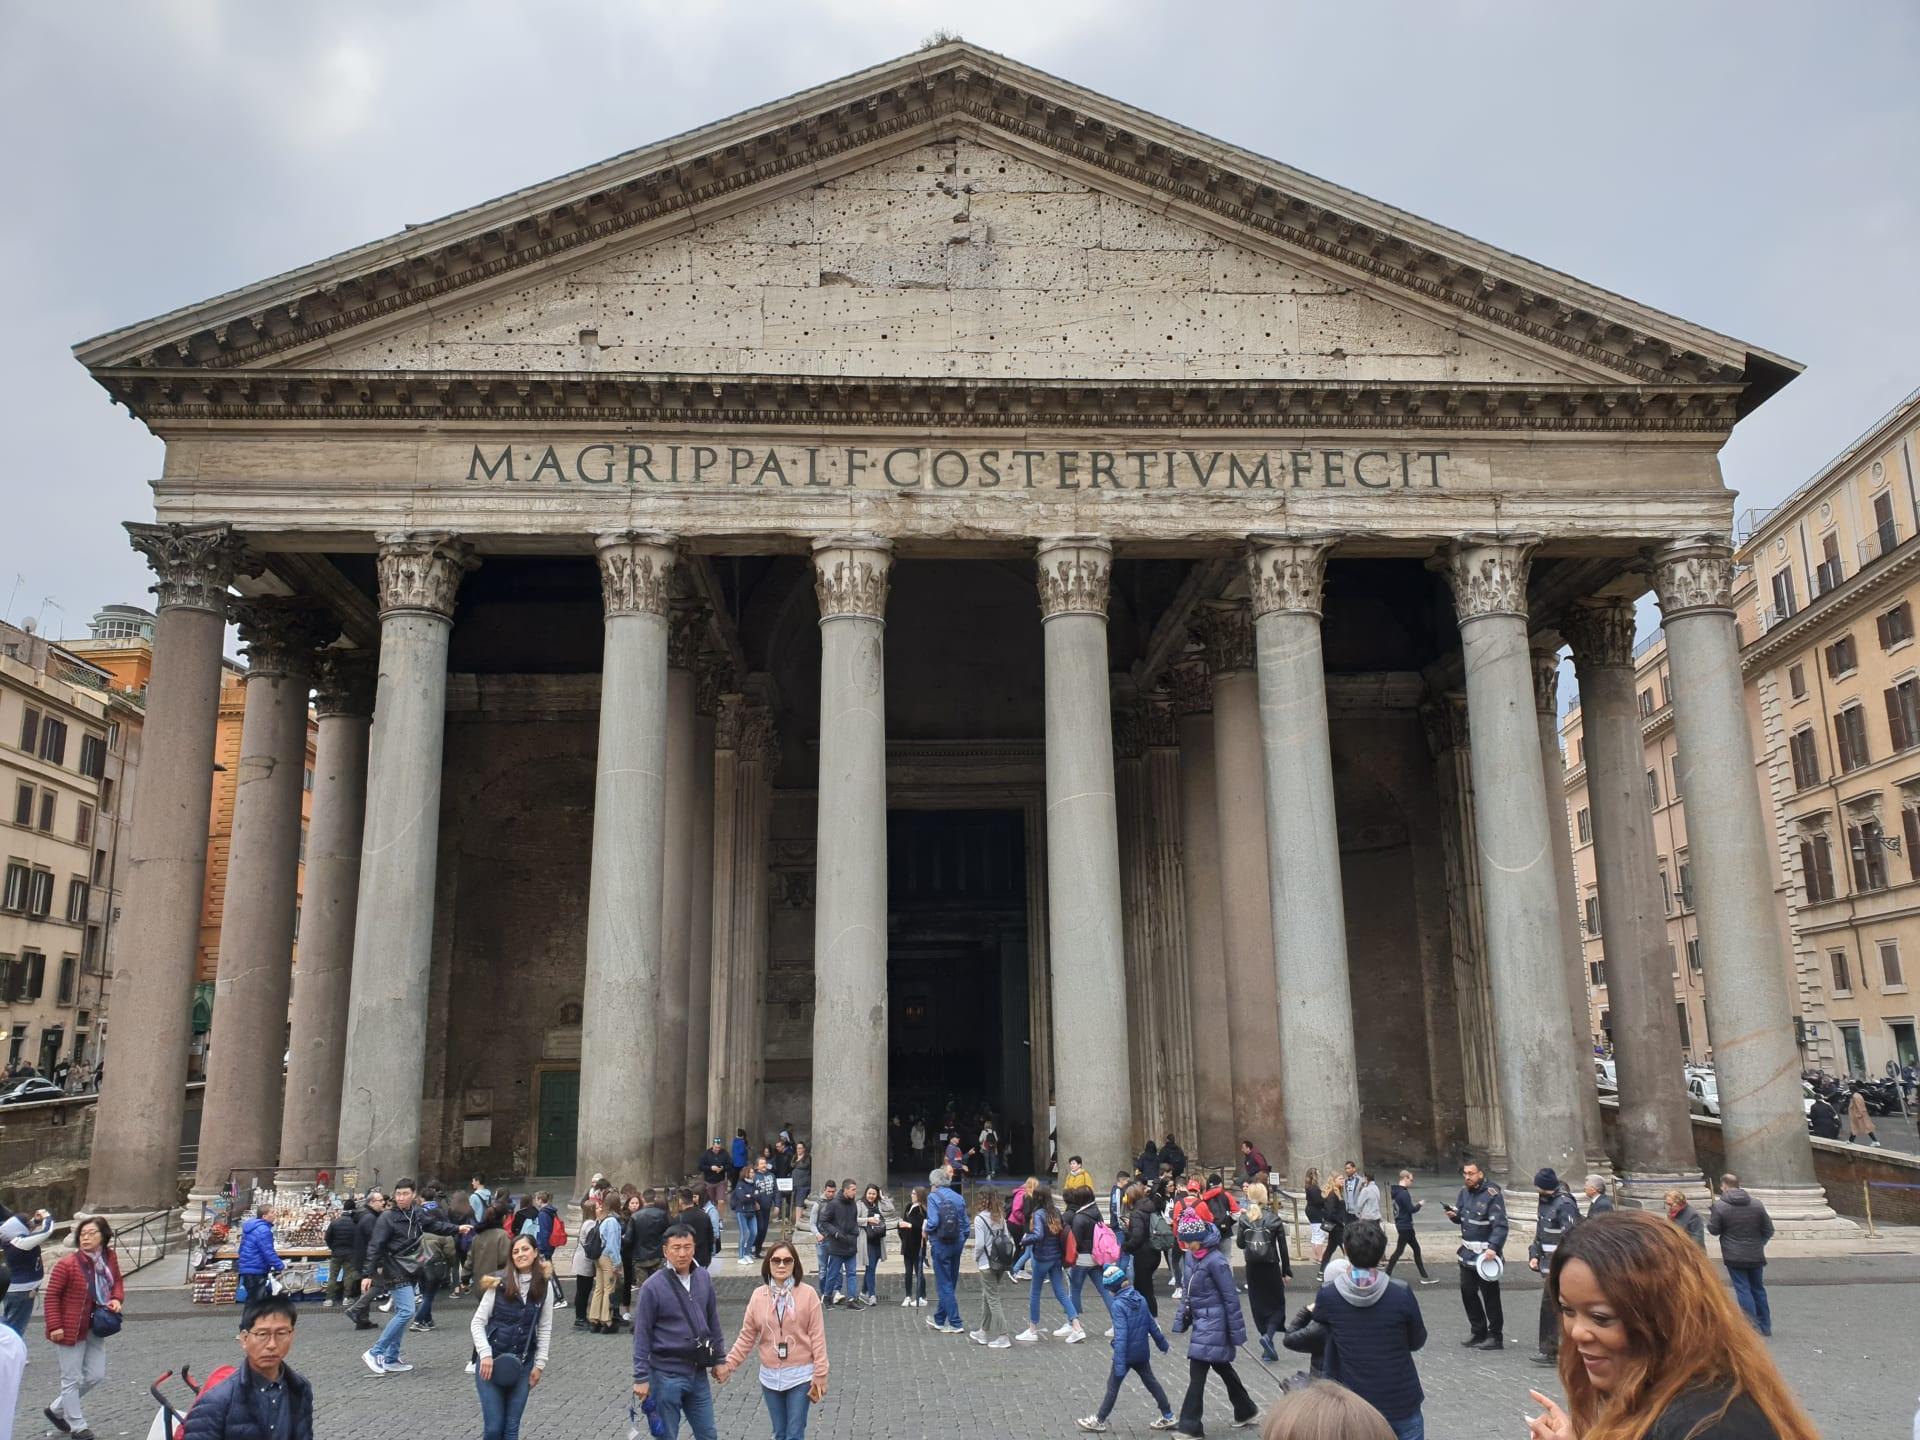 أجمل الأماكن التي يمكنك زيارتها في روما - البانثيون